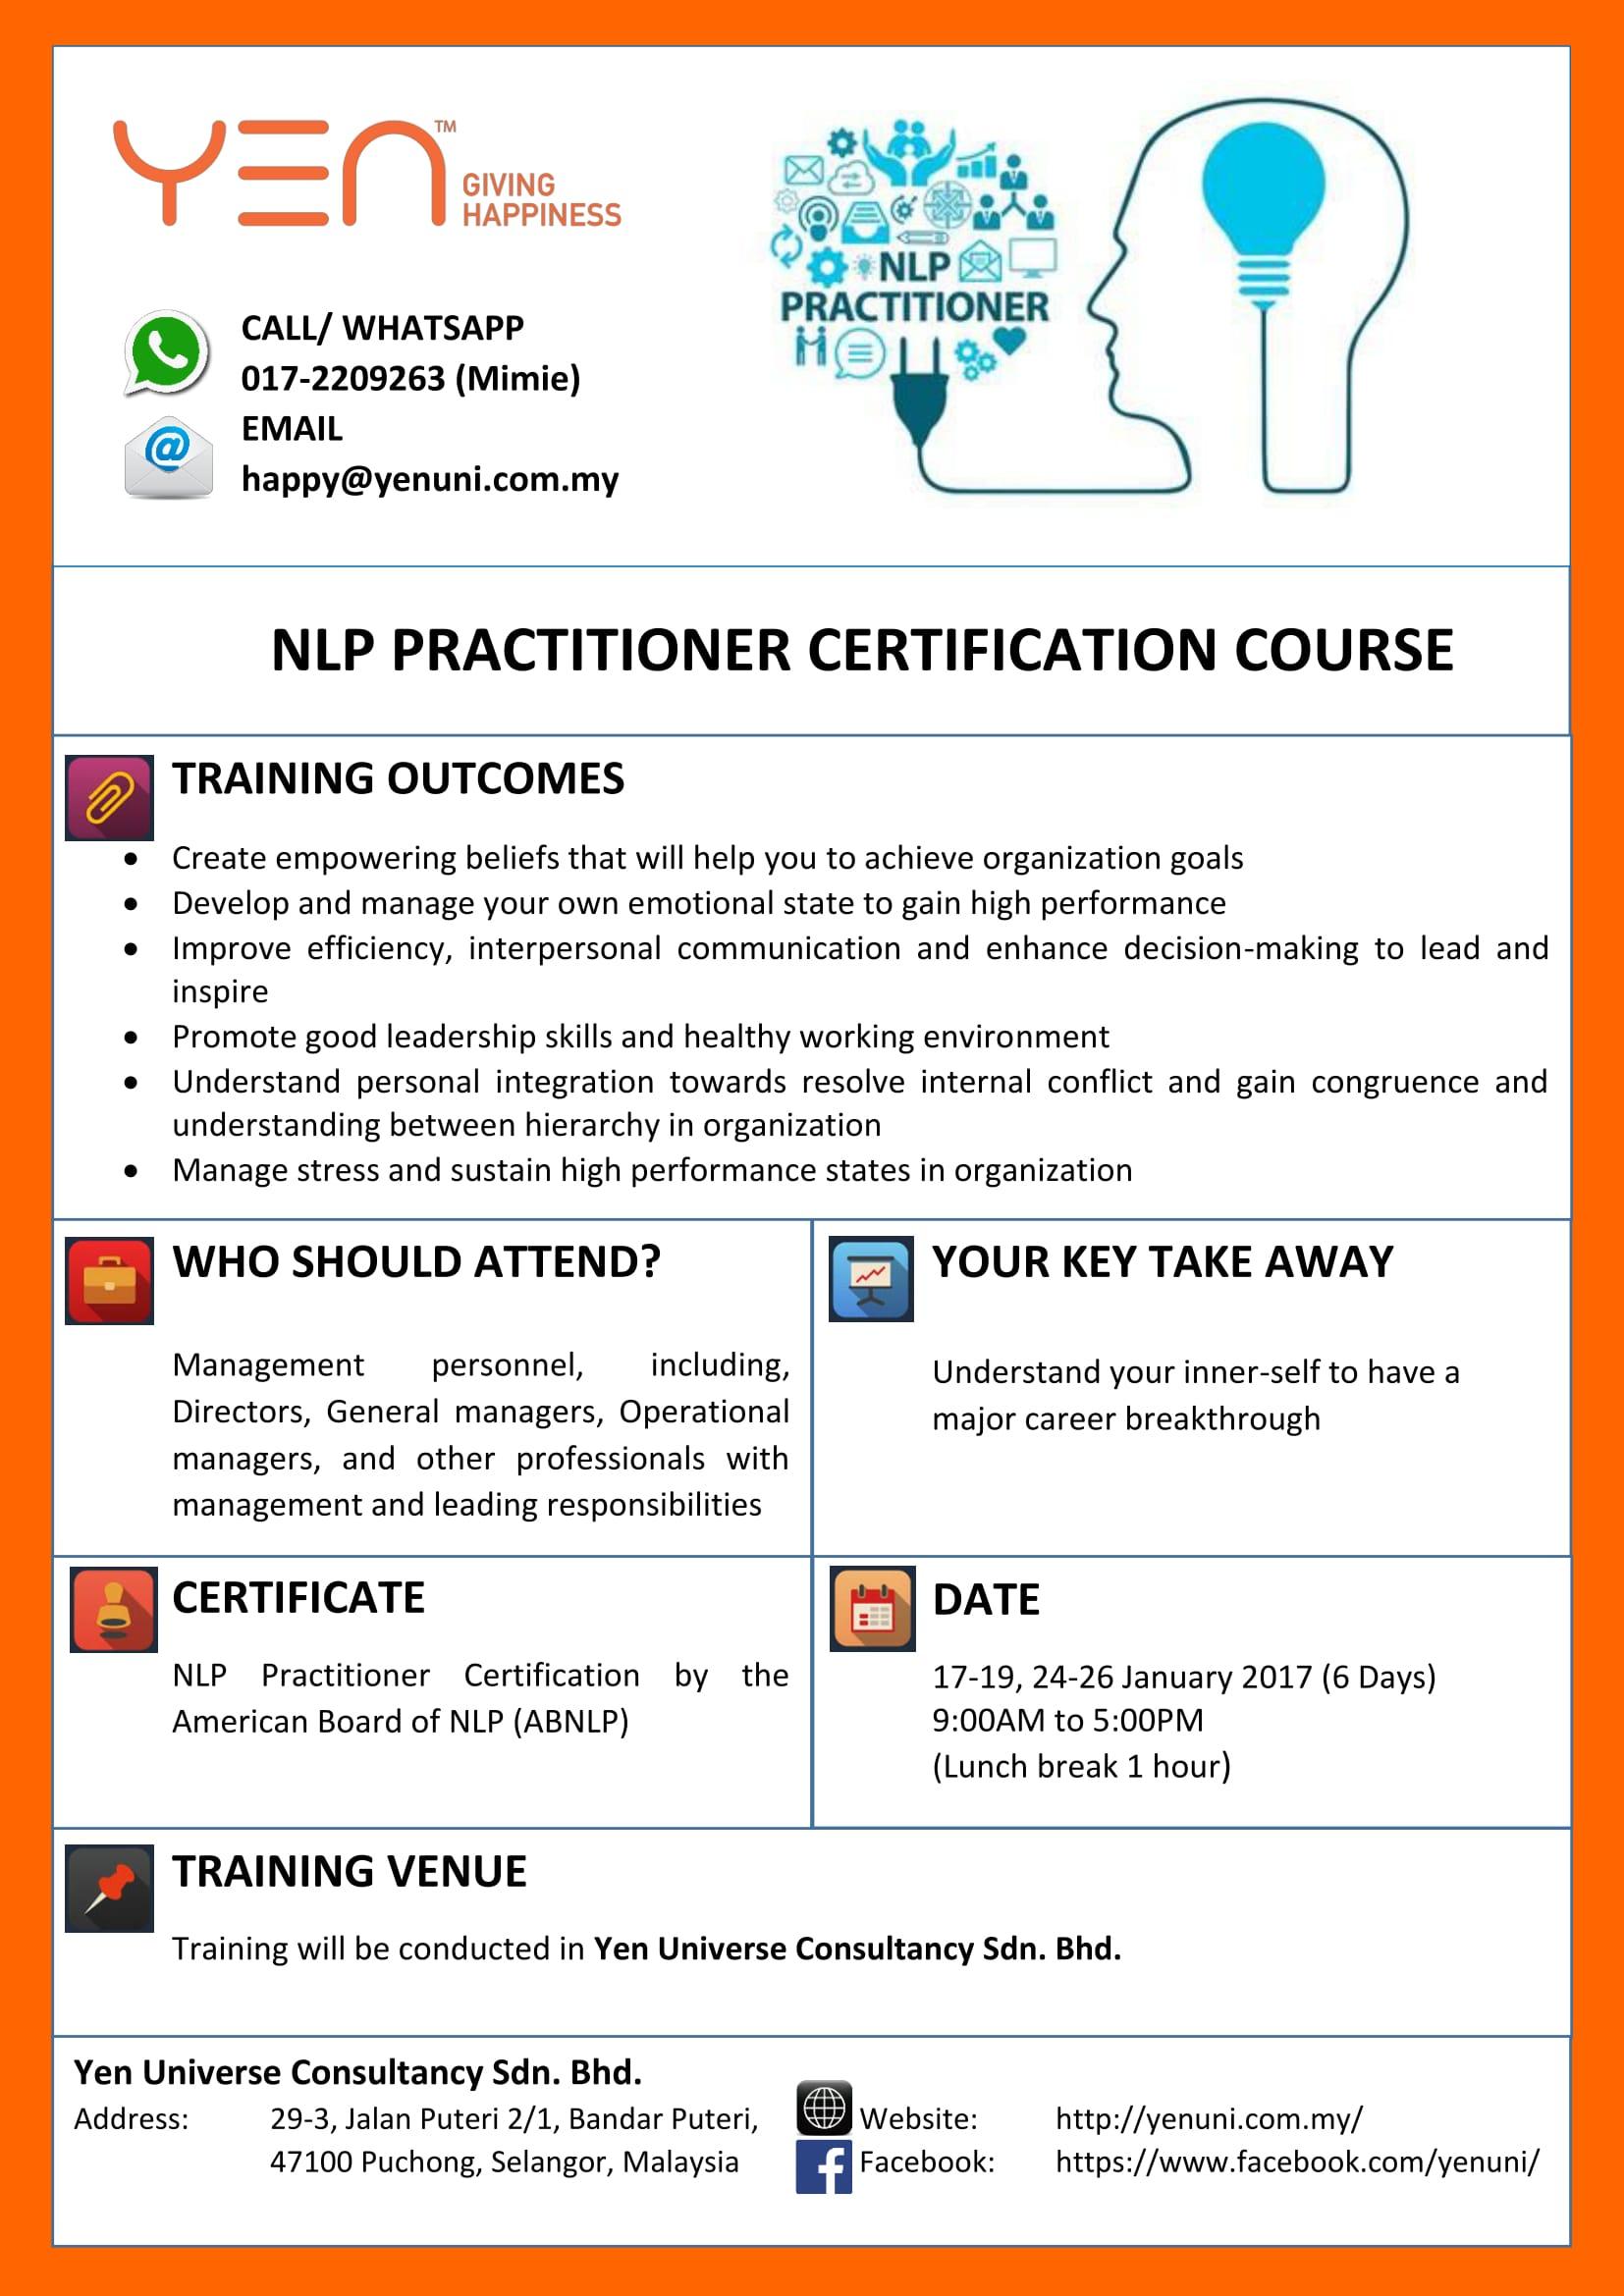 nlp-prac-2017-2-1